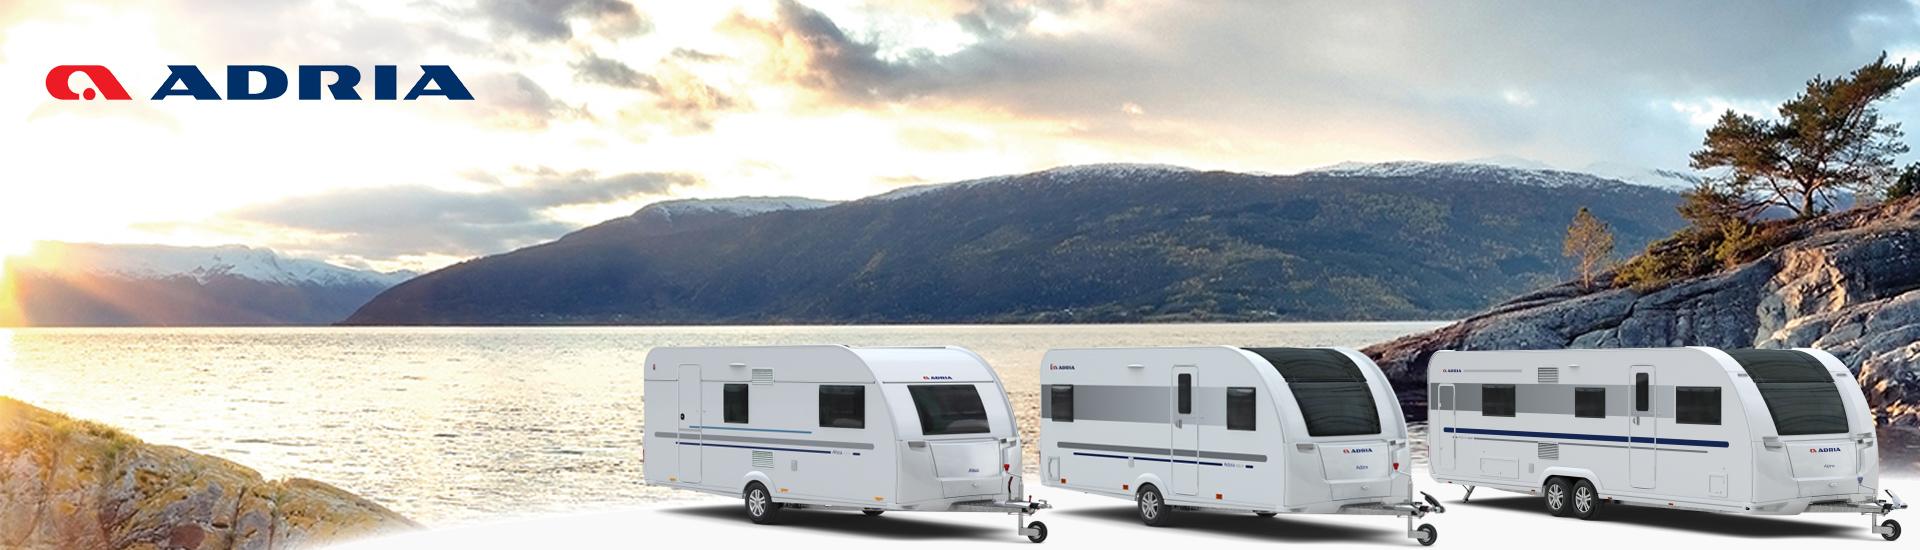 Teeside Adria Caravans